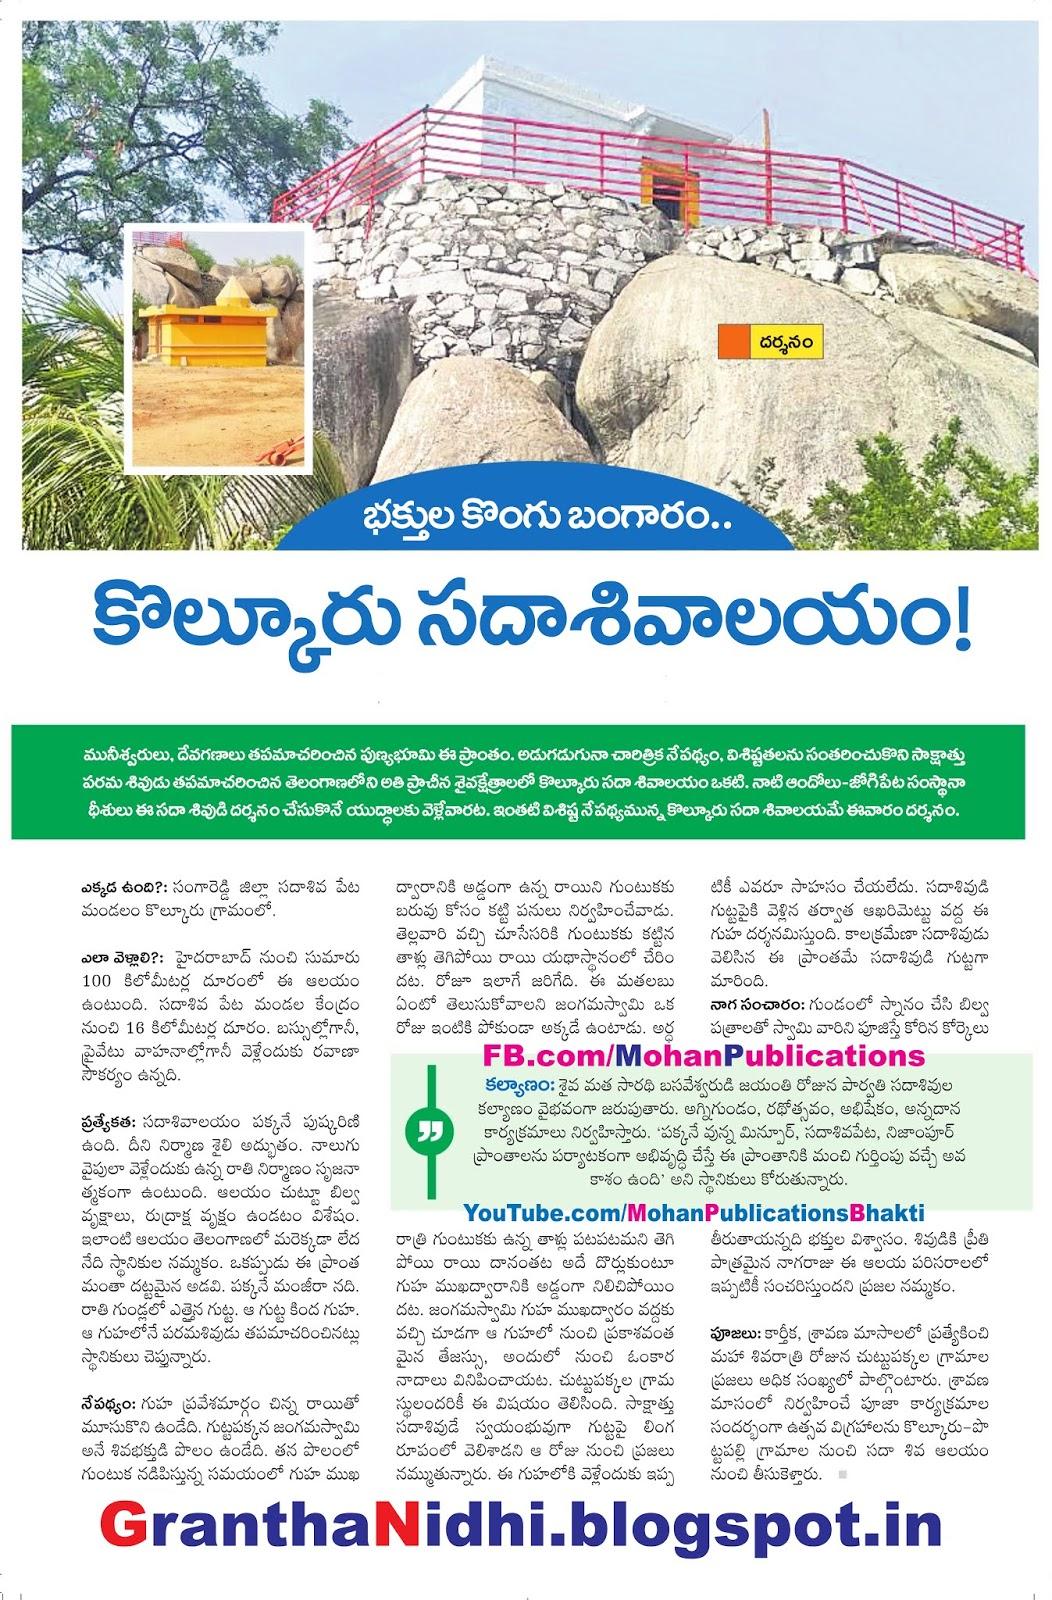 కొల్కూరు శివాలయం | Sivalayam | Mohanpublications | Granthanidhi | Bhaktipustakalu kolkur sivalayam kolkur telangana sangareddy hyderabad sadasivaalayam Publications in Rajahmundry, Books Publisher in Rajahmundry, Popular Publisher in Rajahmundry, BhaktiPustakalu, Makarandam, Bhakthi Pustakalu, JYOTHISA,VASTU,MANTRA, TANTRA,YANTRA,RASIPALITALU, BHAKTI,LEELA,BHAKTHI SONGS, BHAKTHI,LAGNA,PURANA,NOMULU, VRATHAMULU,POOJALU,  KALABHAIRAVAGURU, SAHASRANAMAMULU,KAVACHAMULU, ASHTORAPUJA,KALASAPUJALU, KUJA DOSHA,DASAMAHAVIDYA, SADHANALU,MOHAN PUBLICATIONS, RAJAHMUNDRY BOOK STORE, BOOKS,DEVOTIONAL BOOKS, KALABHAIRAVA GURU,KALABHAIRAVA, RAJAMAHENDRAVARAM,GODAVARI,GOWTHAMI, FORTGATE,KOTAGUMMAM,GODAVARI RAILWAY STATION, PRINT BOOKS,E BOOKS,PDF BOOKS, FREE PDF BOOKS,BHAKTHI MANDARAM,GRANTHANIDHI, GRANDANIDI,GRANDHANIDHI, BHAKTHI PUSTHAKALU, BHAKTI PUSTHAKALU, BHAKTHI